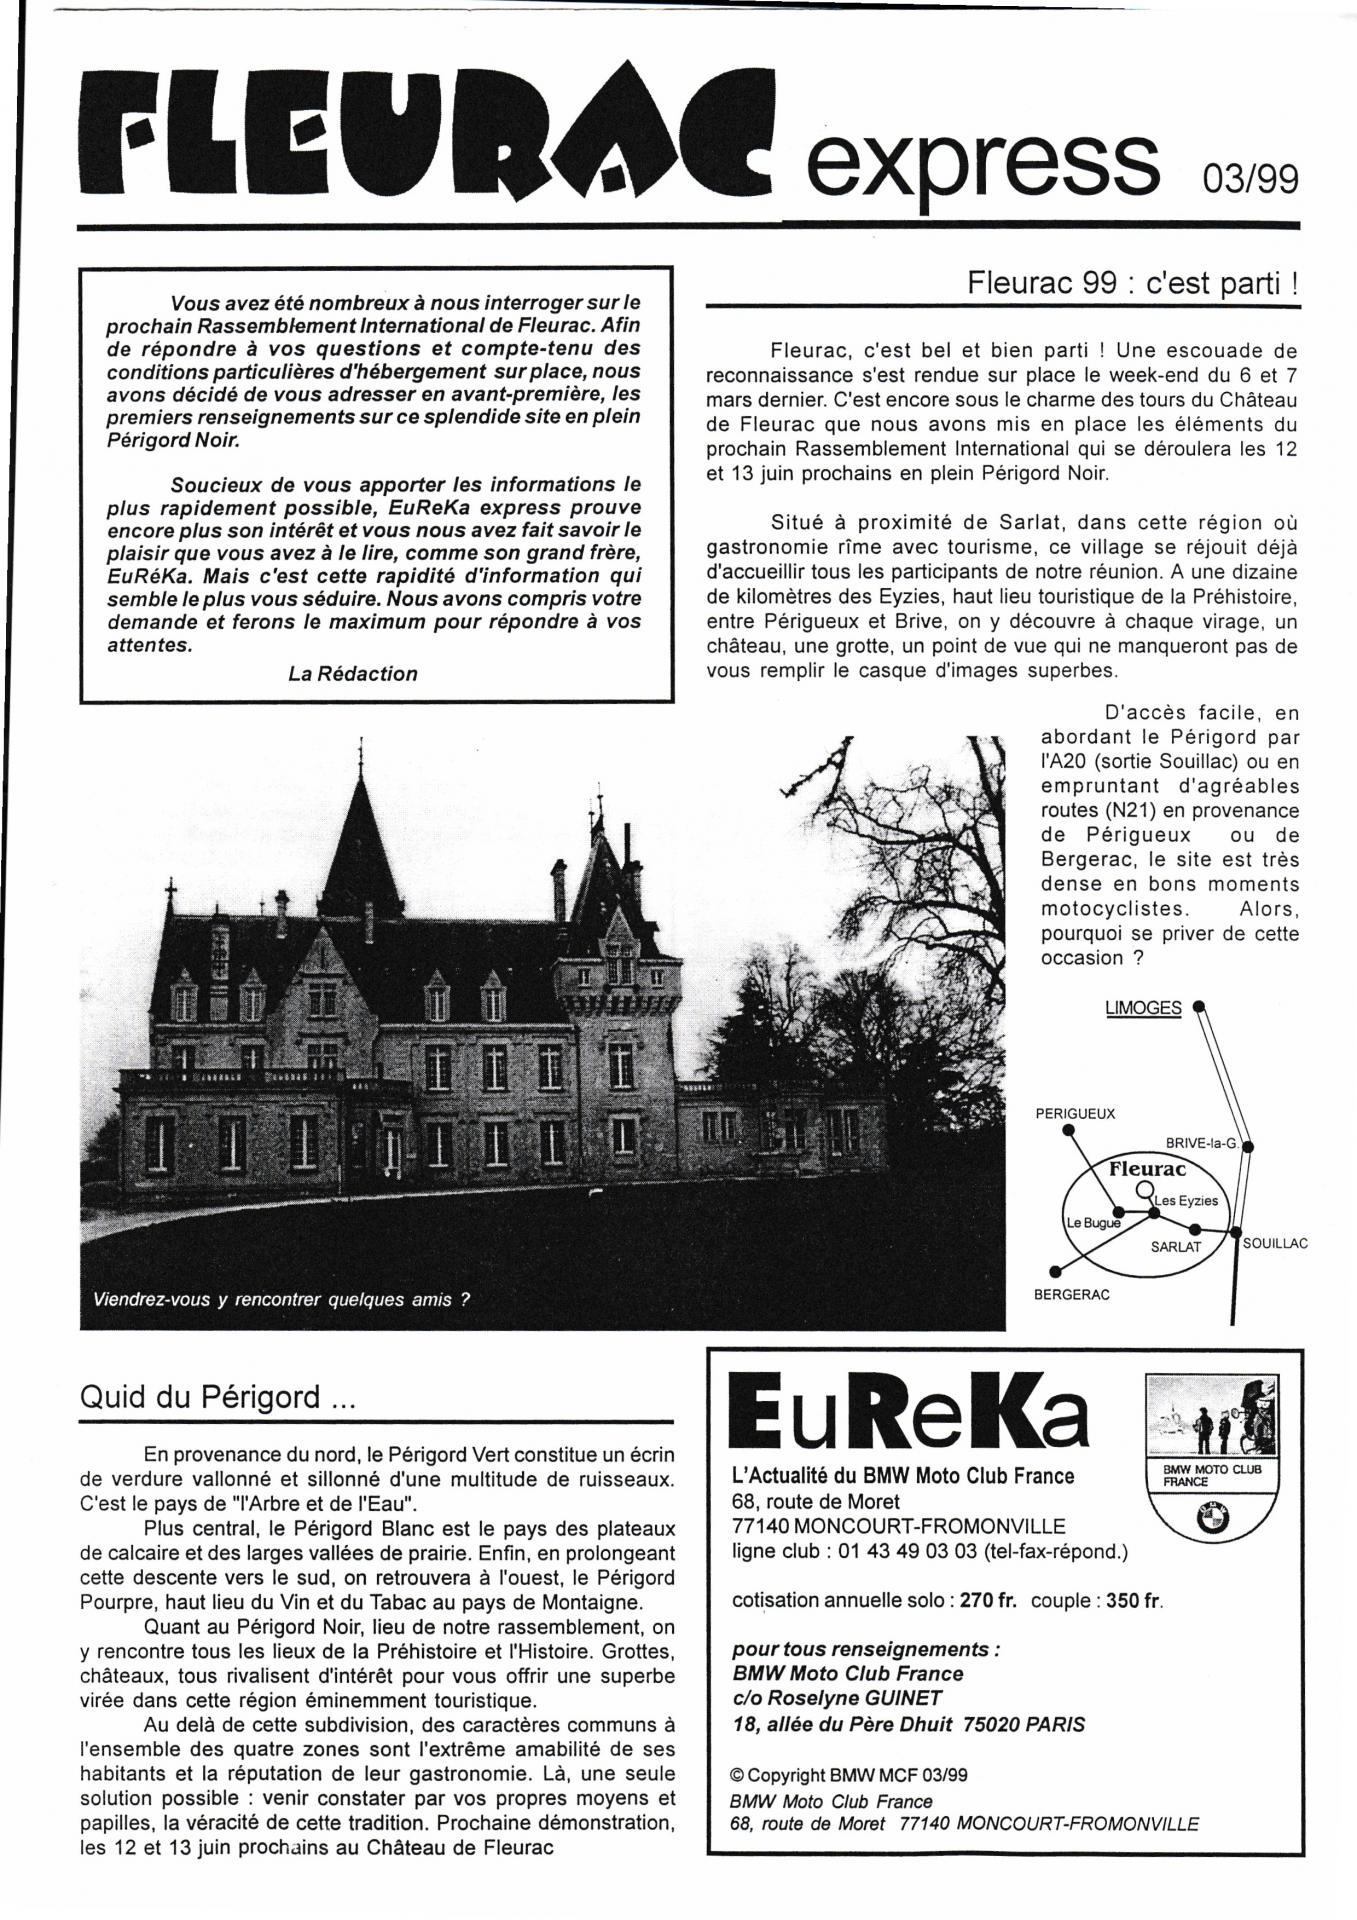 Fleurac express 03 99 1